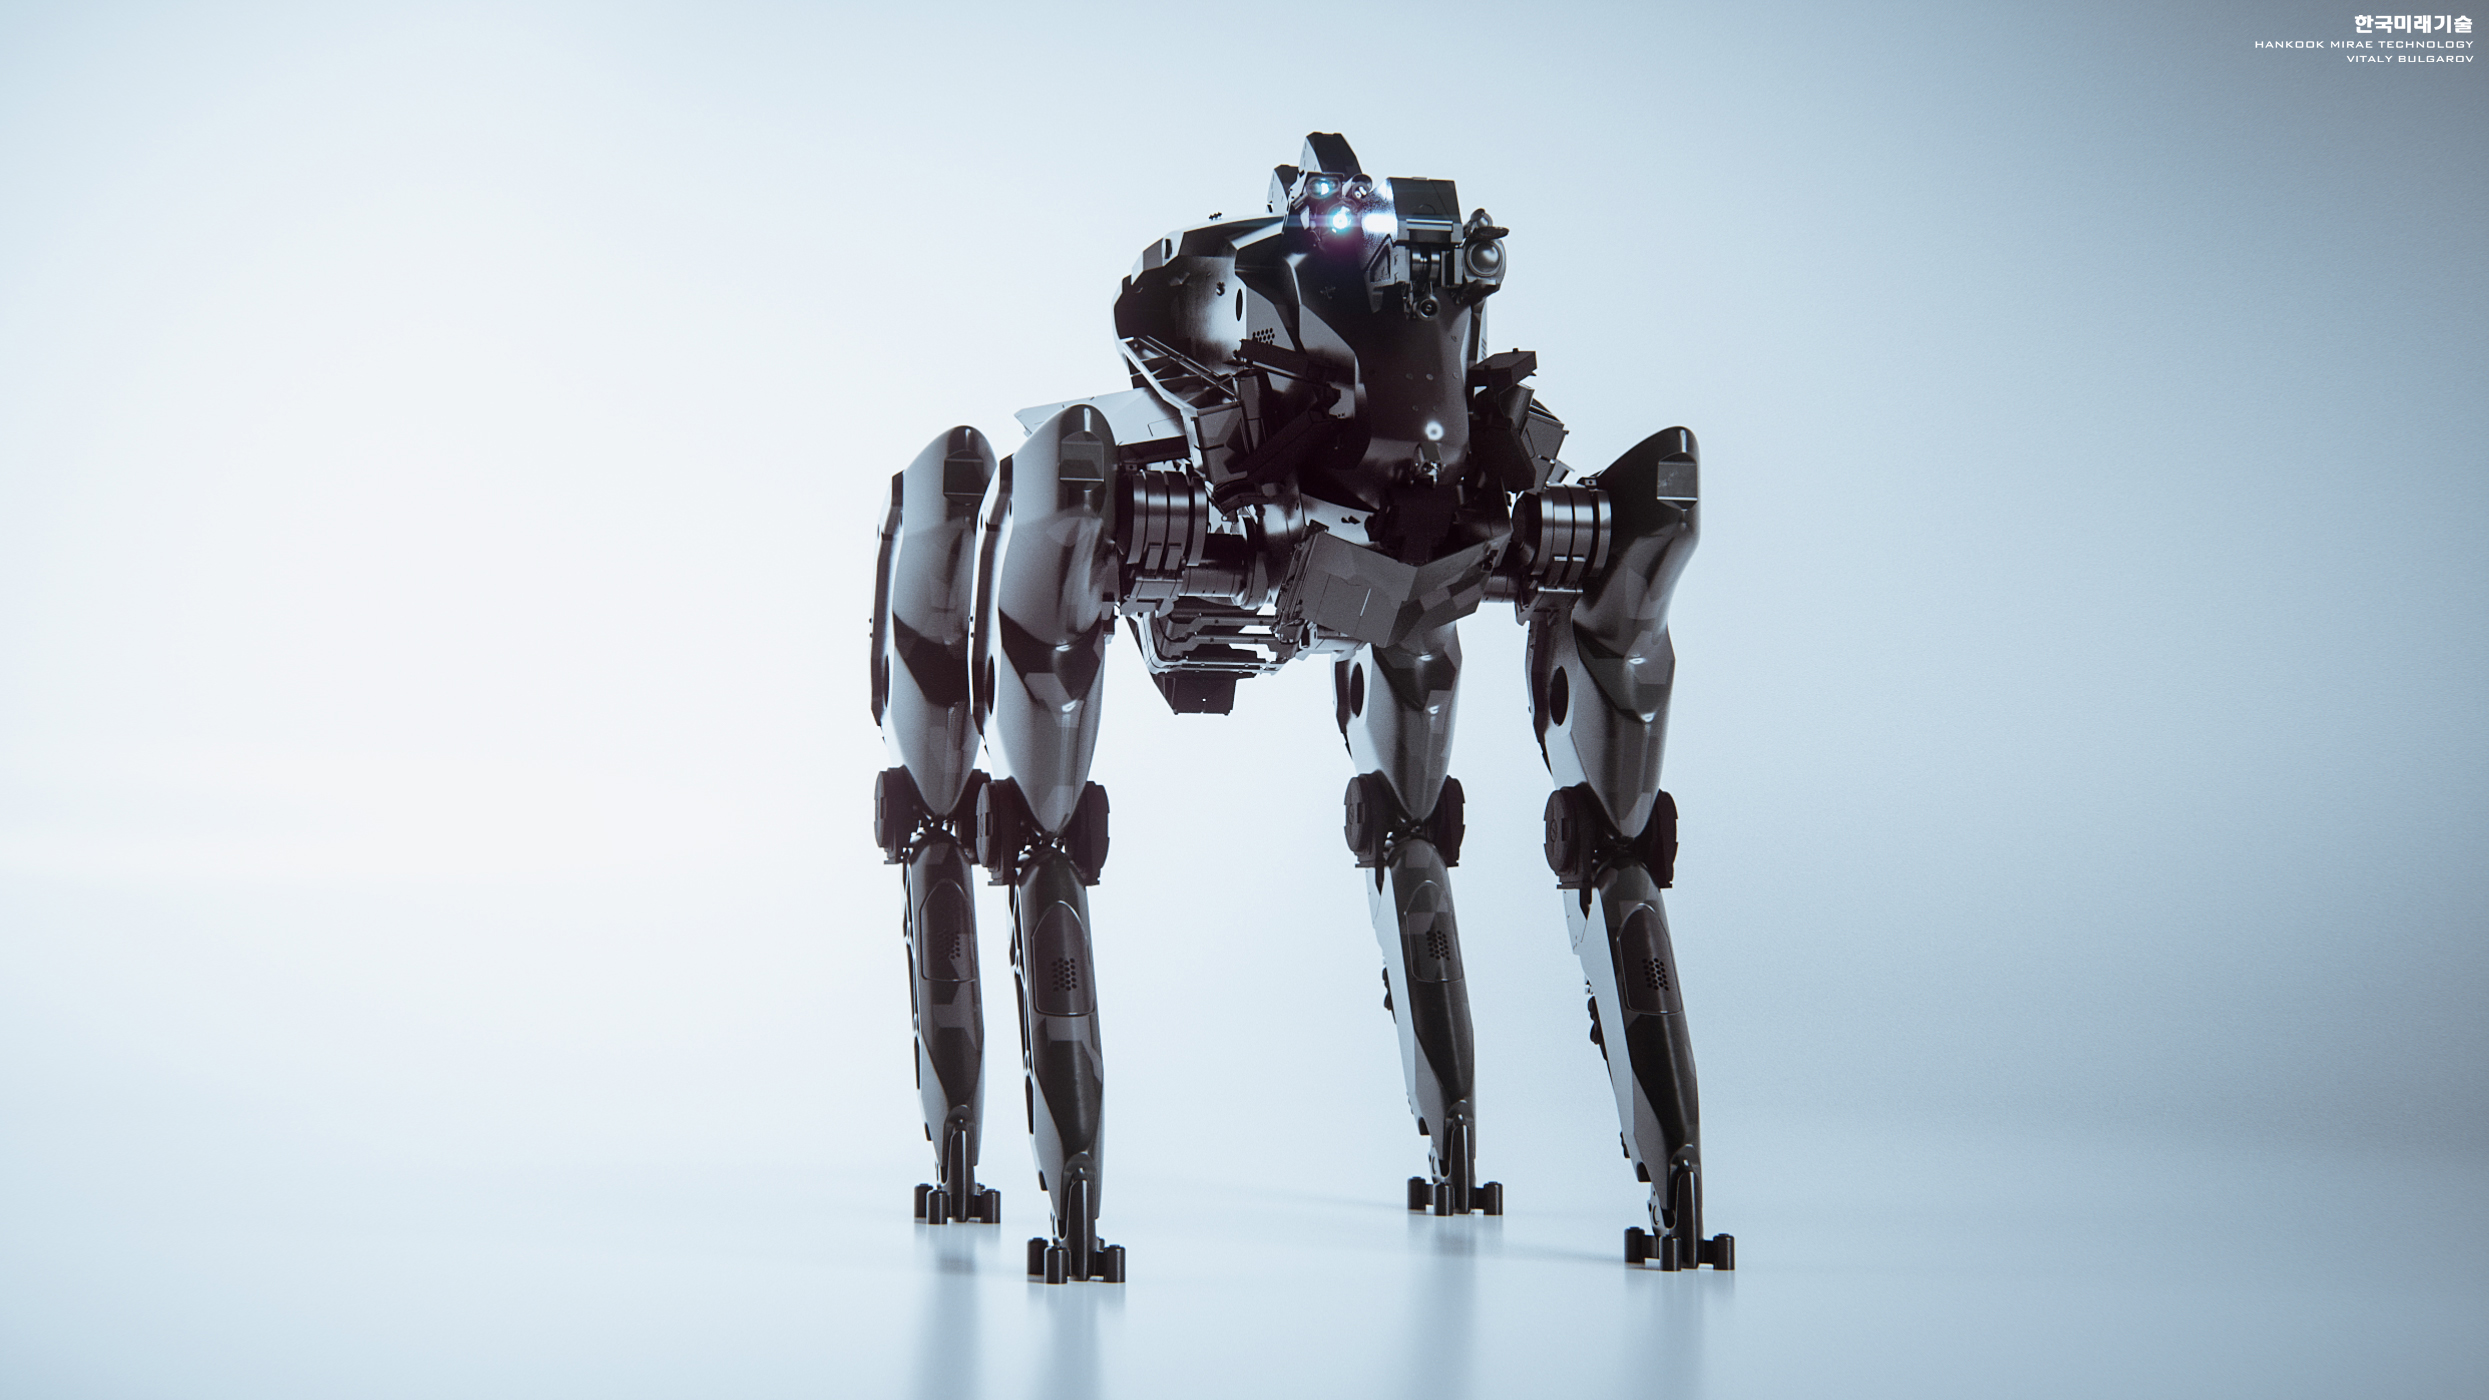 KFT_4LeggedRobot_V5_04.jpg